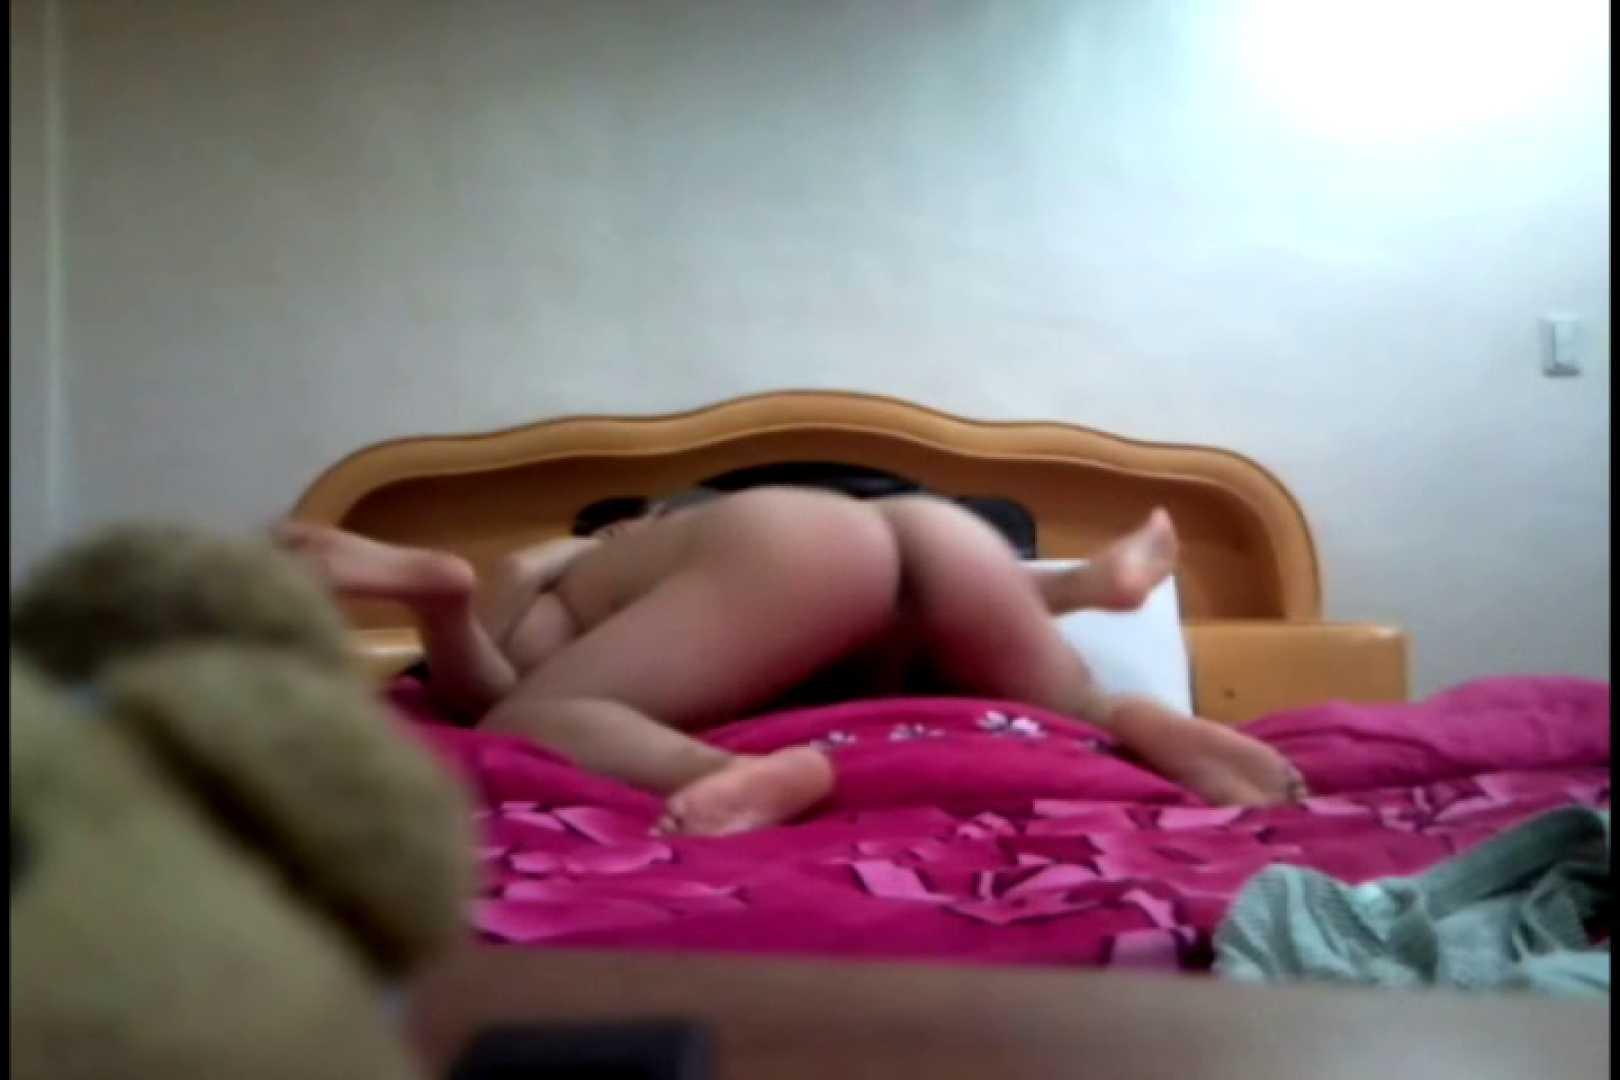 コリアン素人流出シリーズ ラブホテル隠し撮り ラブホテル | 流出作品  86pic 26